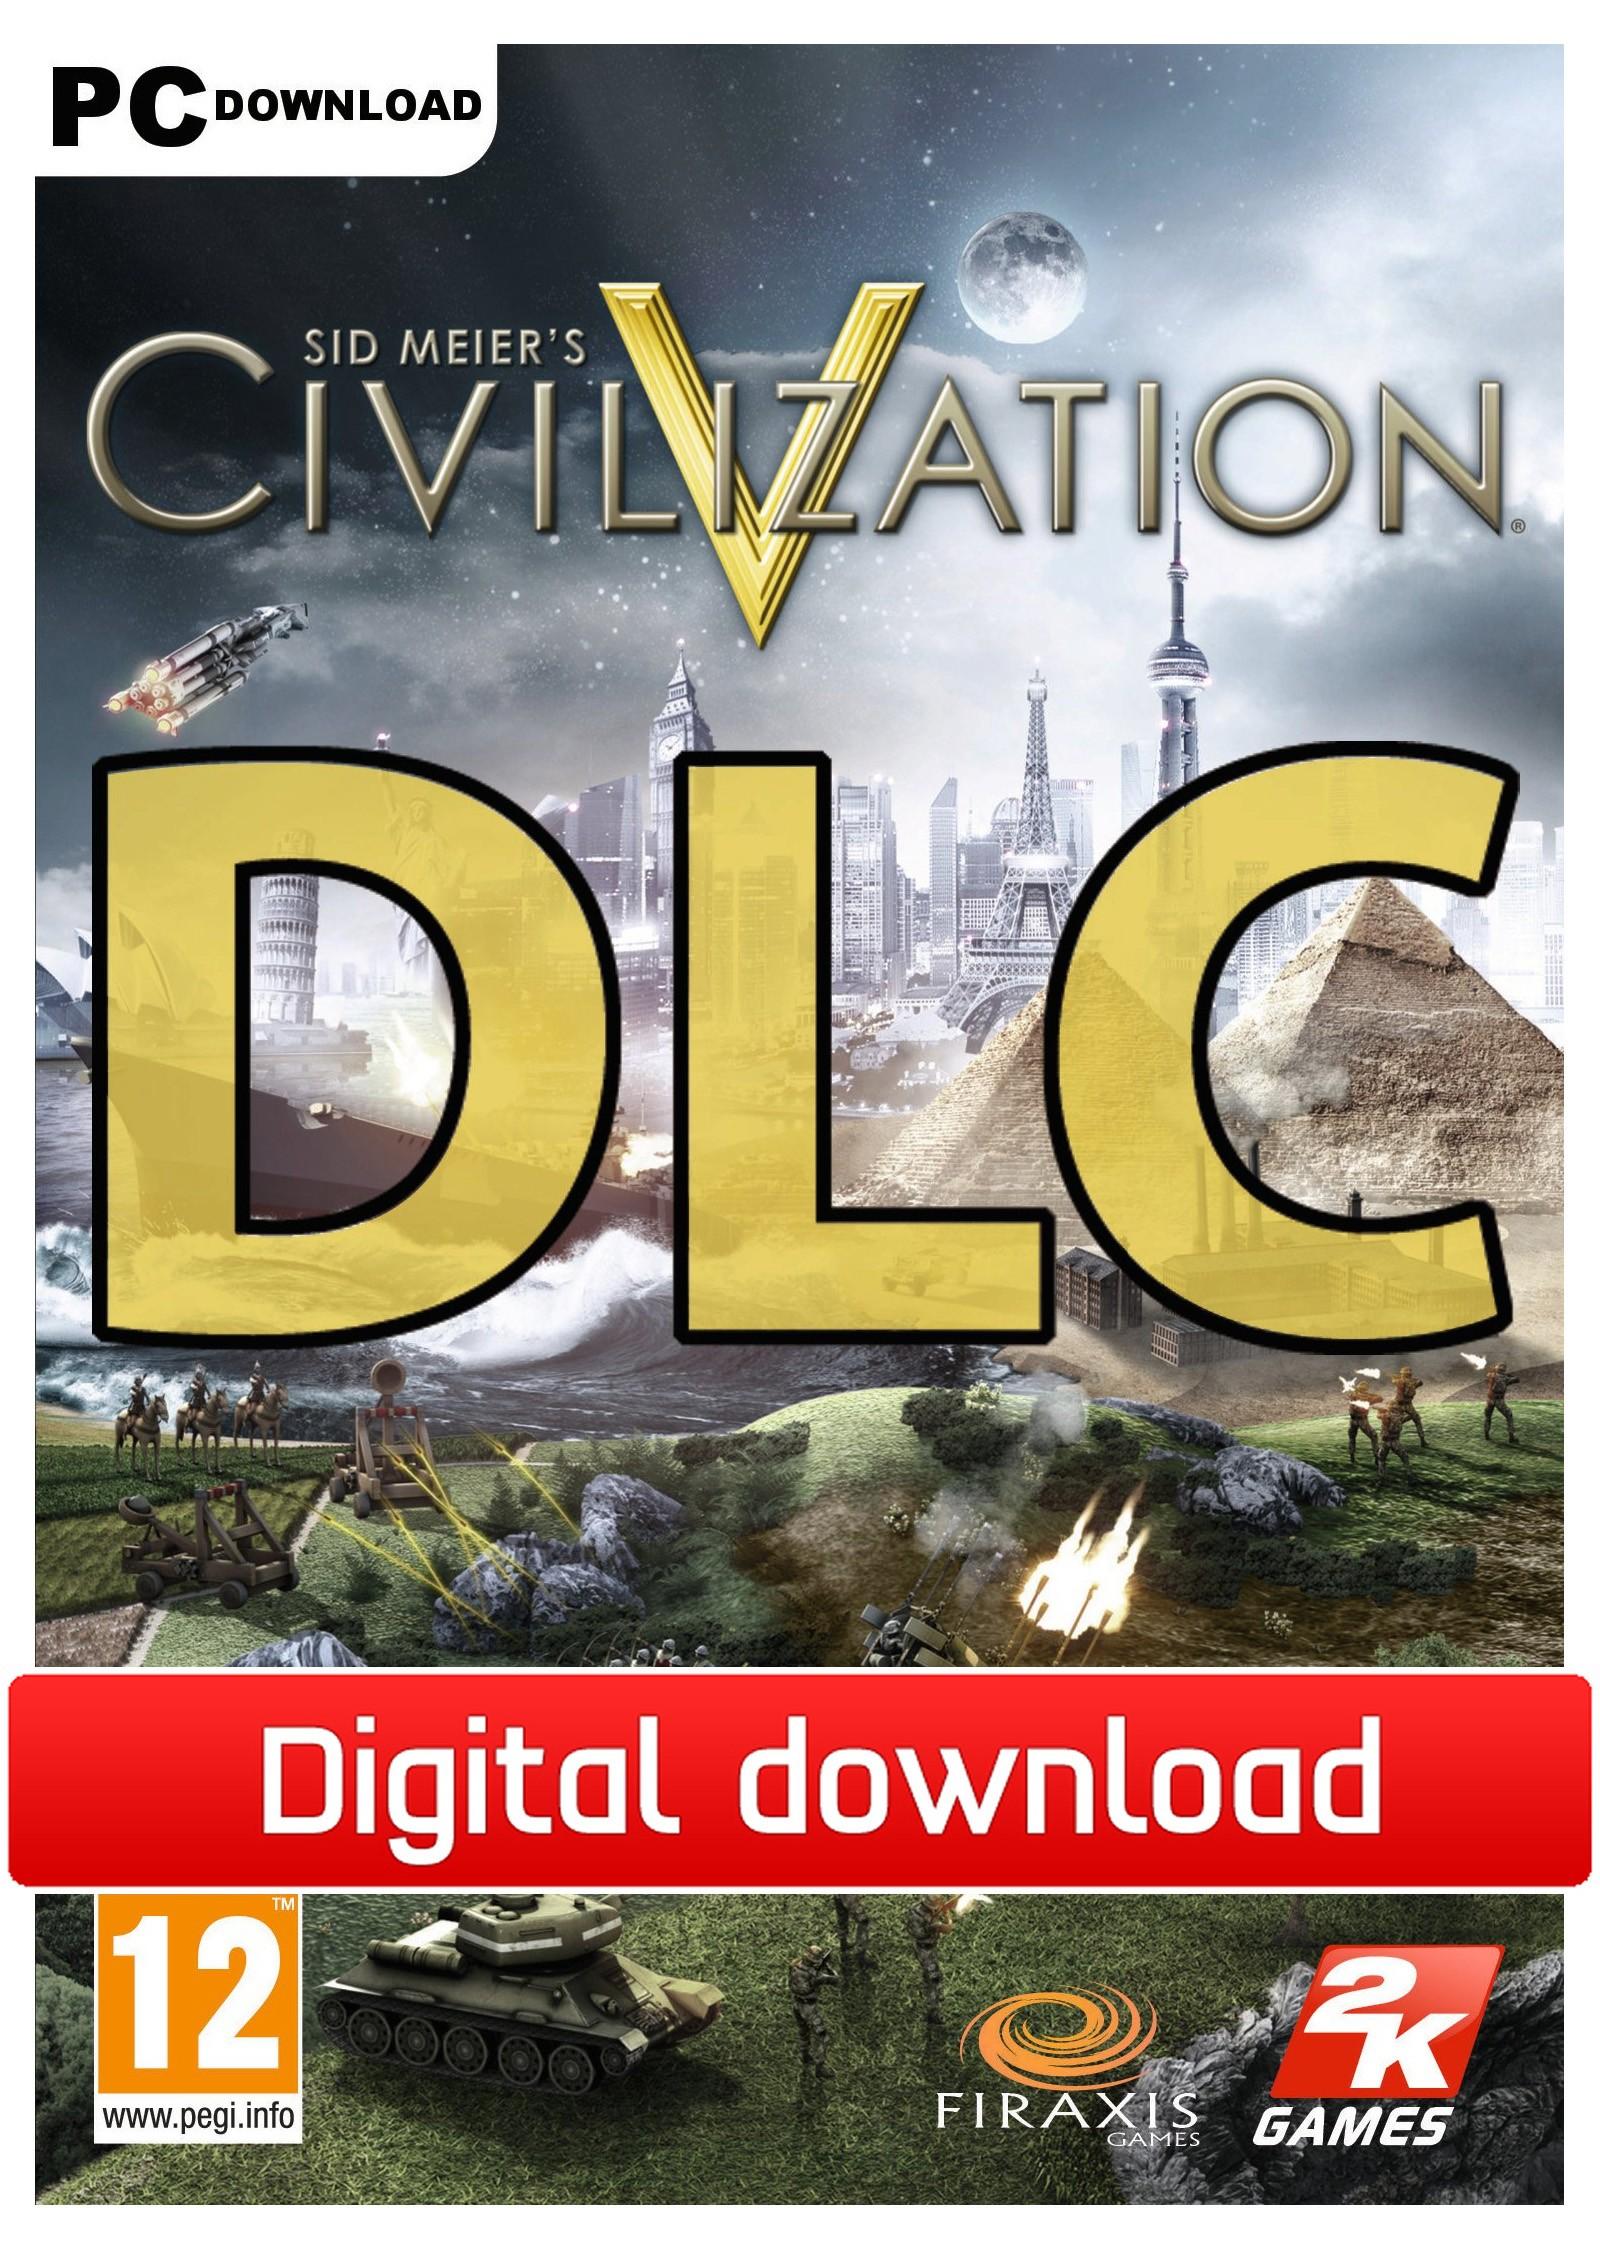 Civilization 5: Polynesia DLC (PC nedlastning) PCDD26271